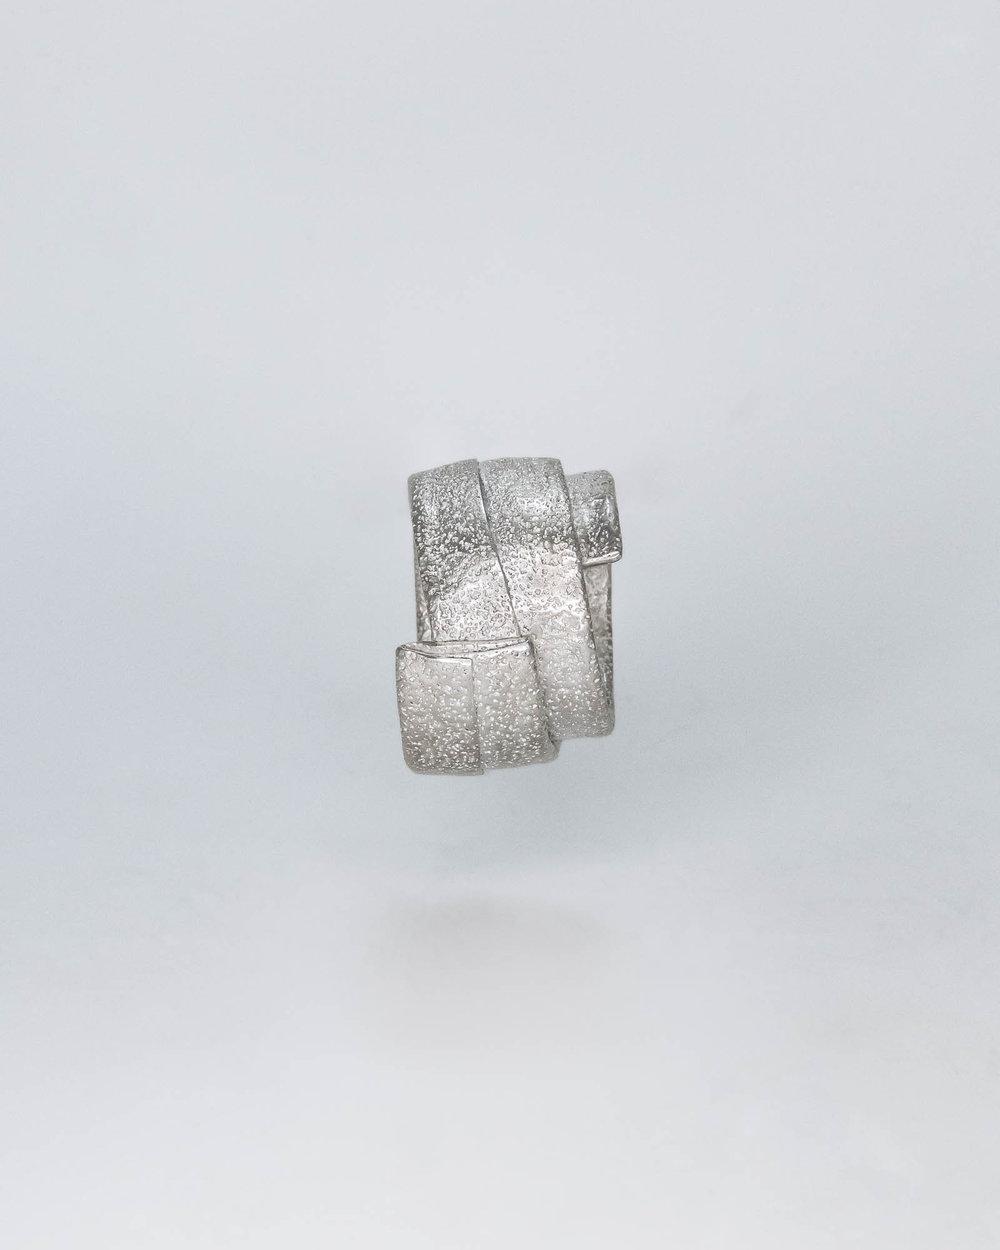 1_%22Wrap Ring%22, Brian Kivuti (January 19, 2018) [web.v.2.Cropped].jpg